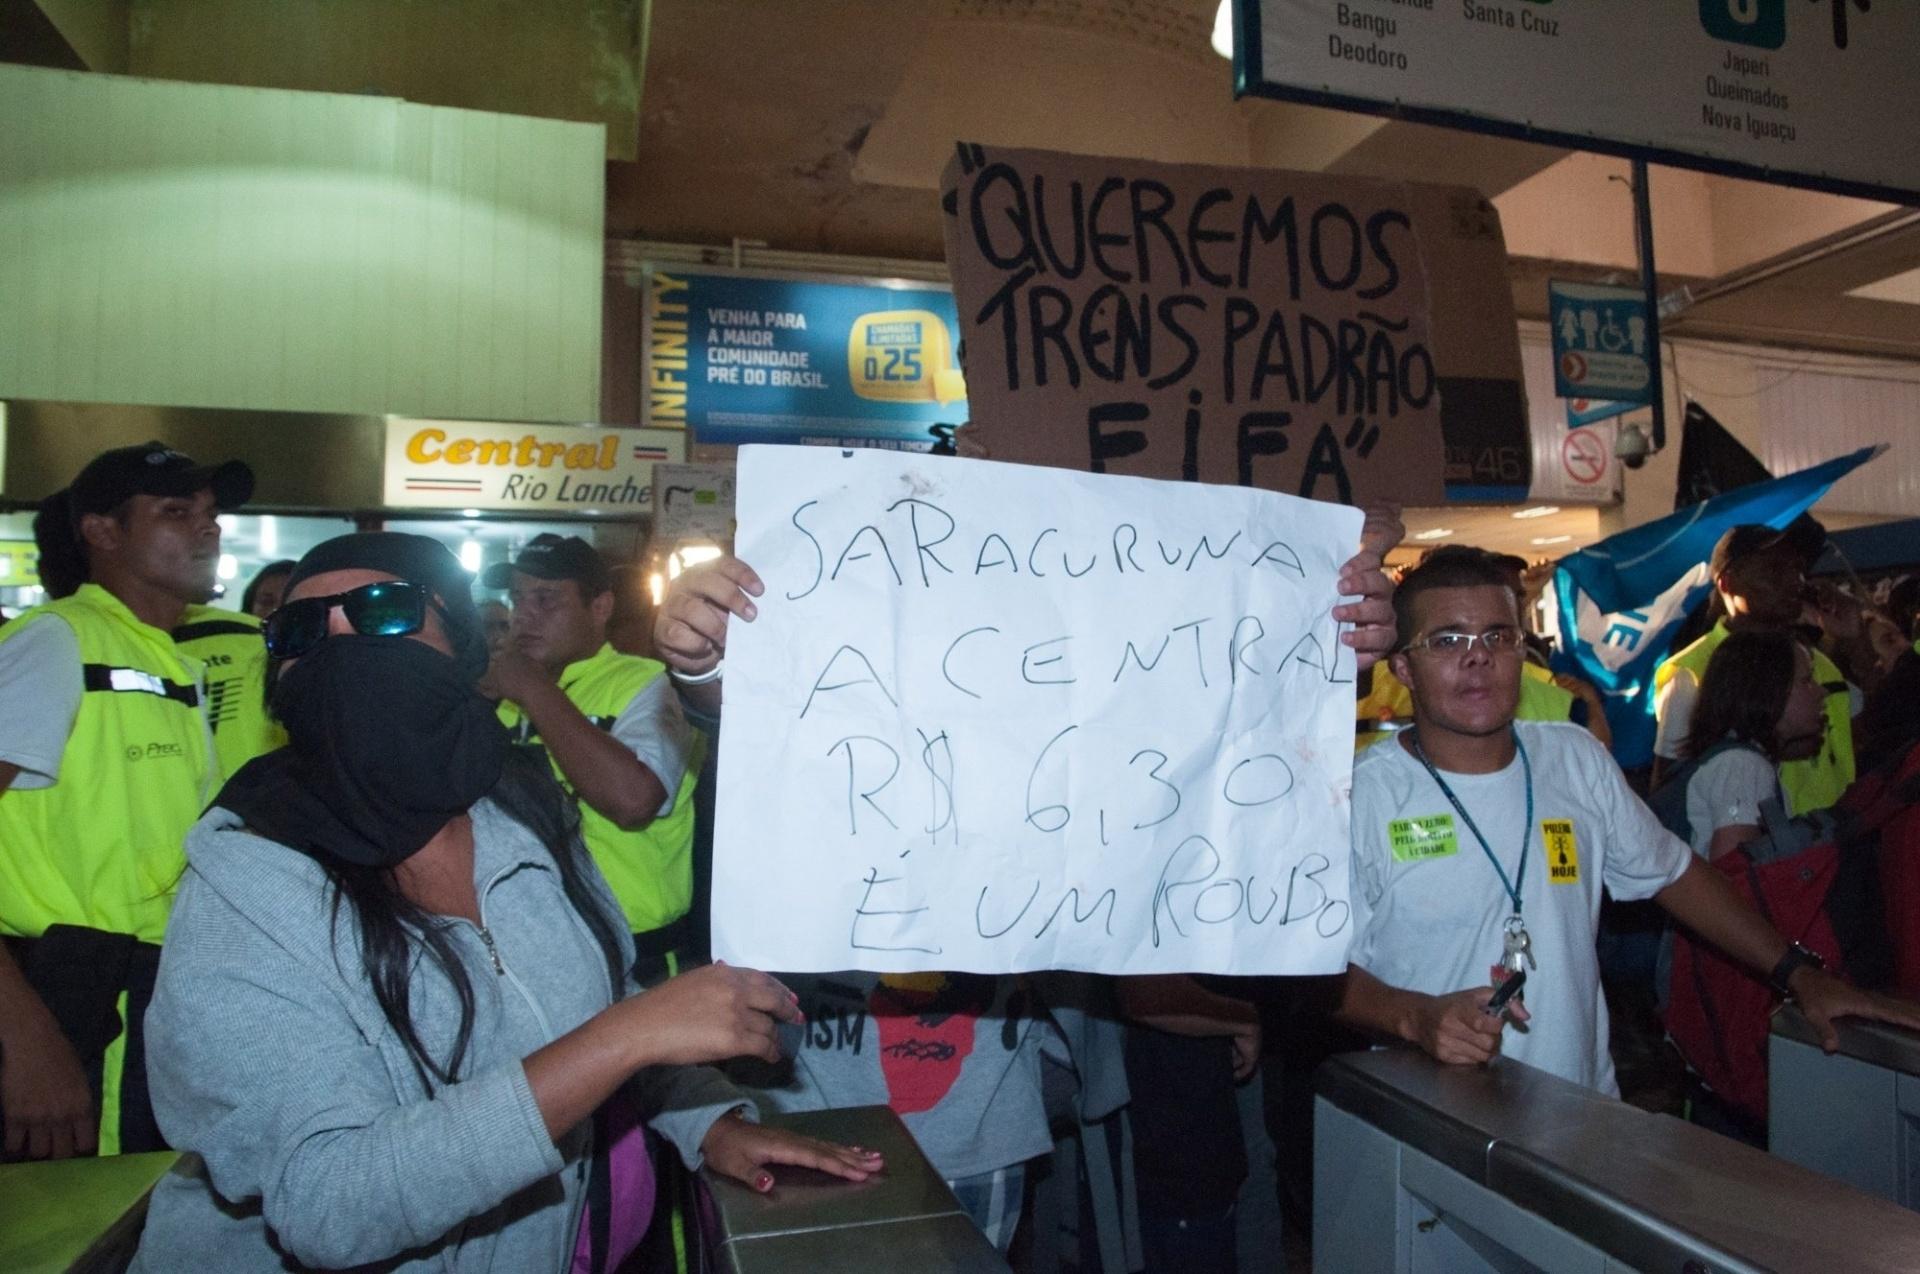 28.jan.2014 - Manifestantes seguram cartazes e tentam invadir a estação de trens da Central do Brasil, no centro do Rio de Janeiro, nesta terça-feira (28), pedindo para liberação das catracas. O protesto é contra o aumento da tarifa das passagens de ônibus e trens. Muitos trabalhadores se aproveitaram do ato e passaram sem pagar